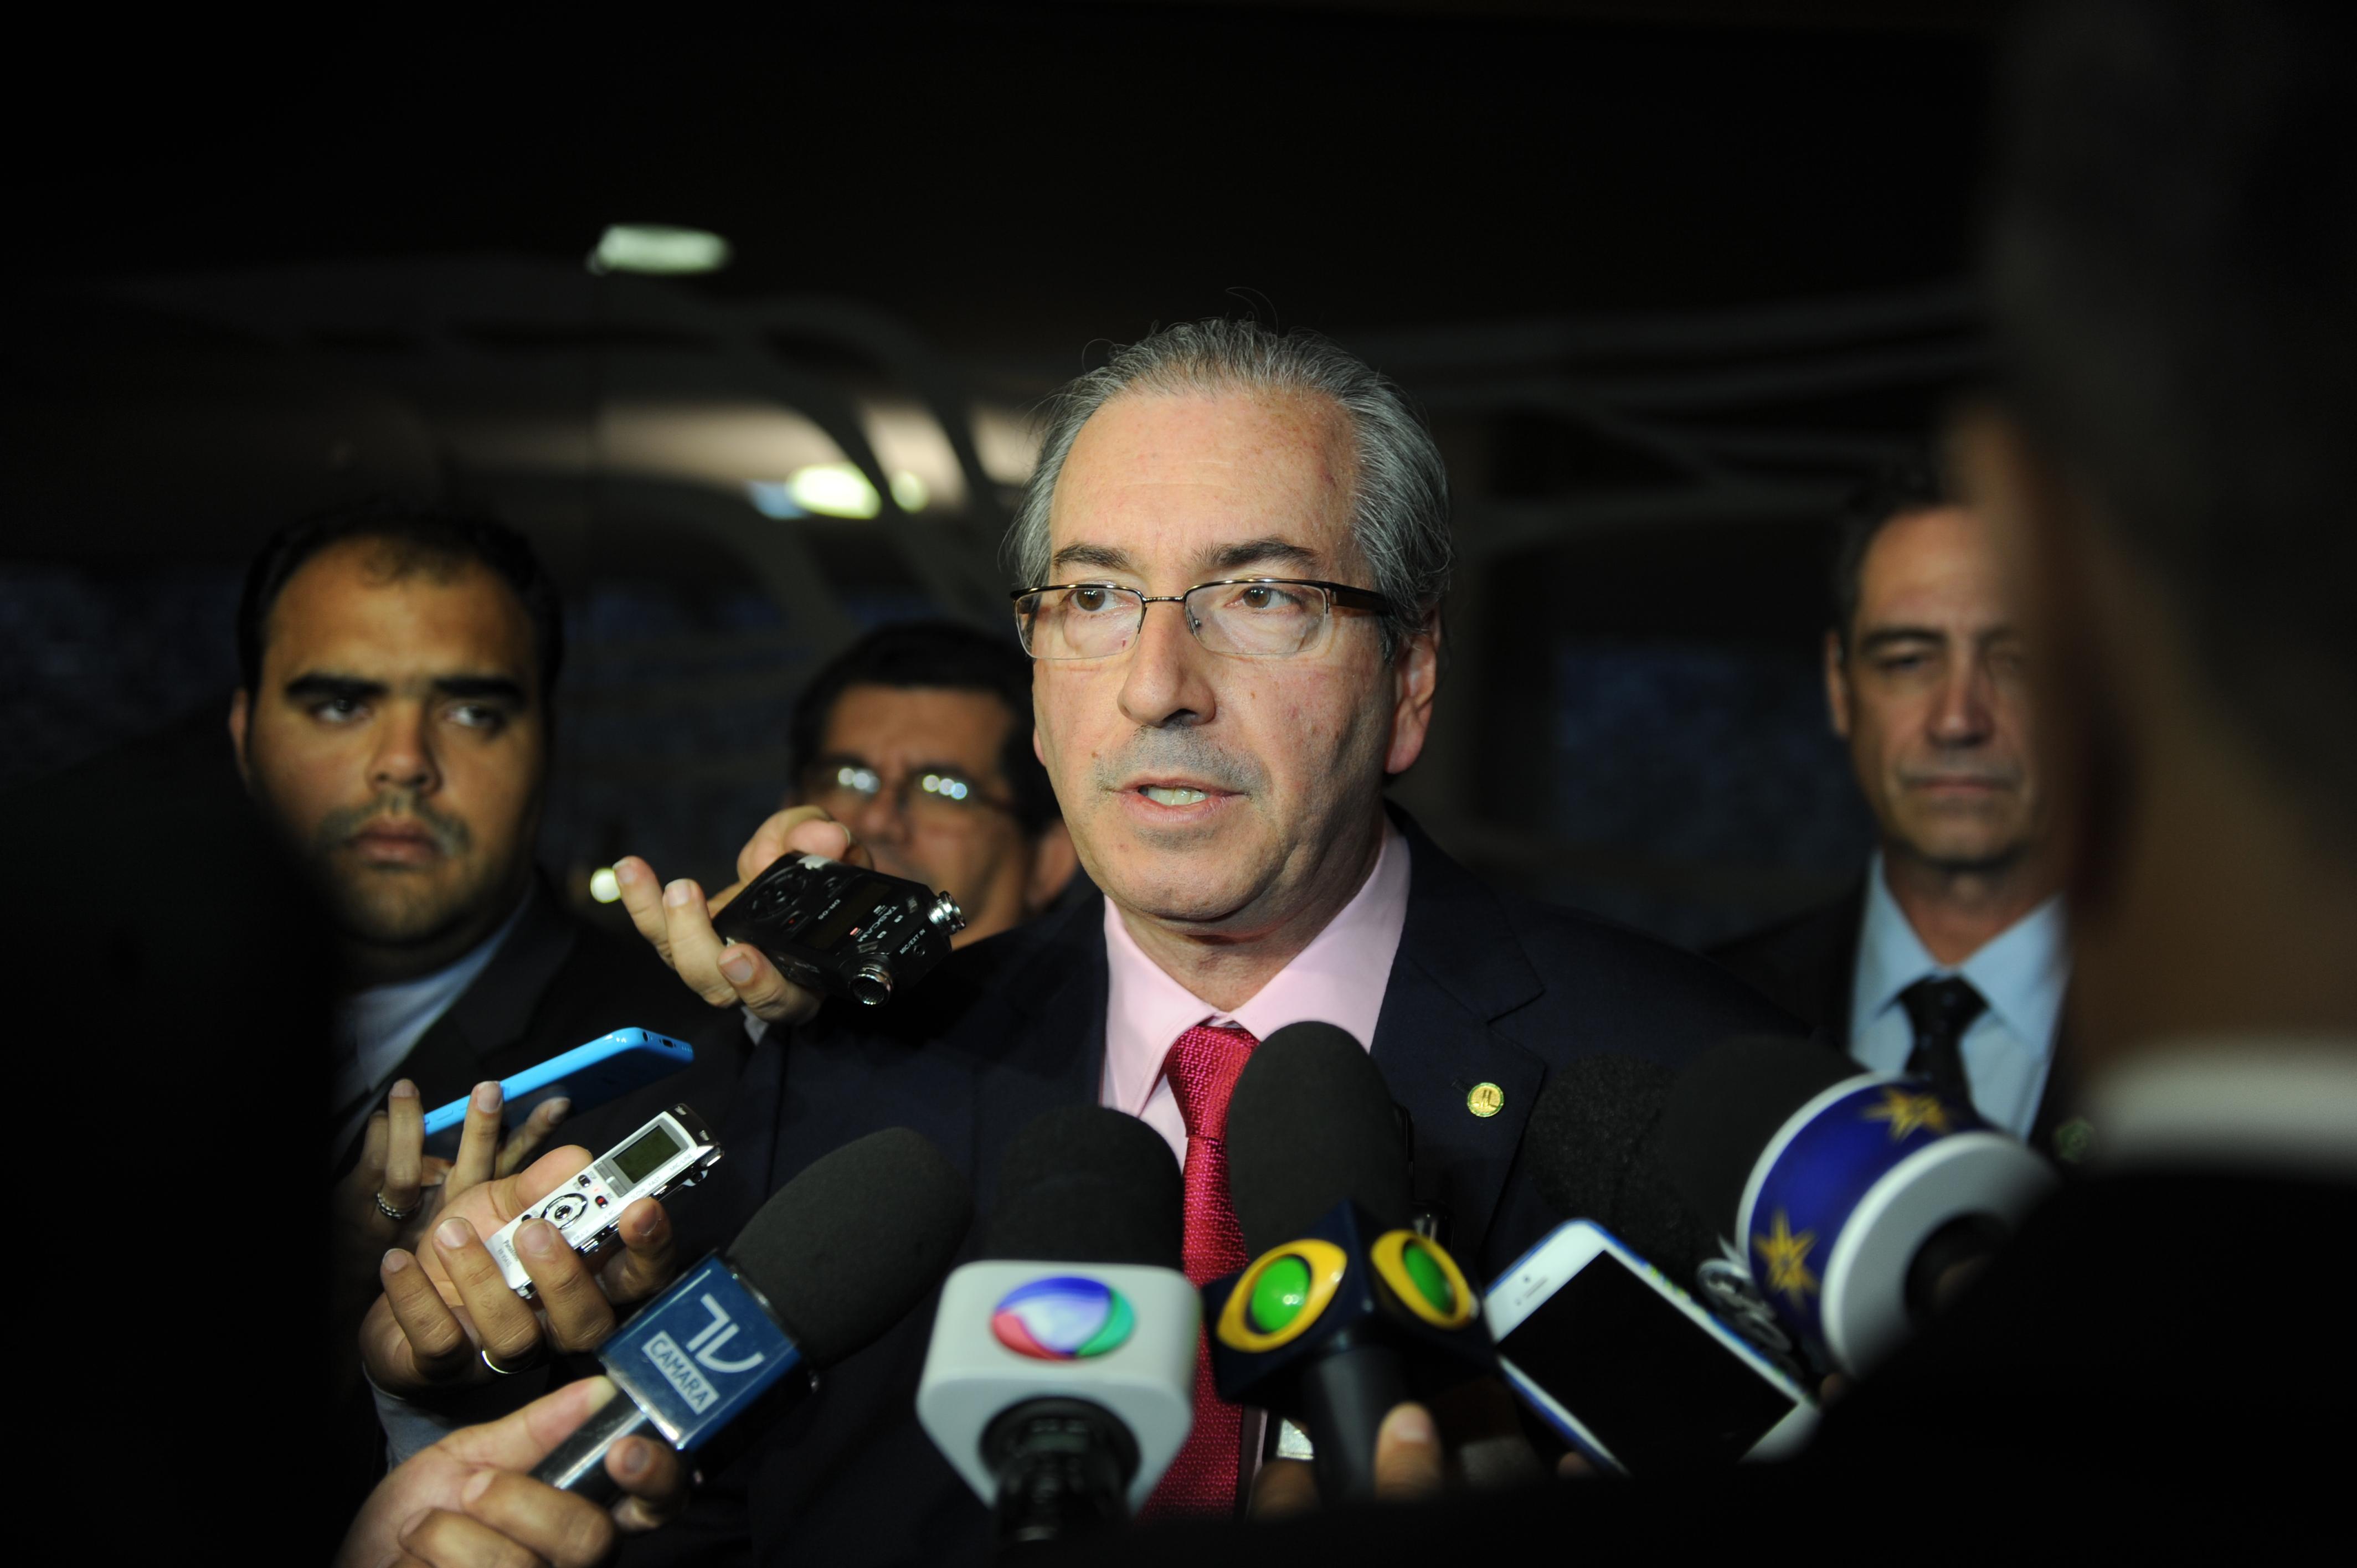 (J.Batista/Câmara dos Deputados)